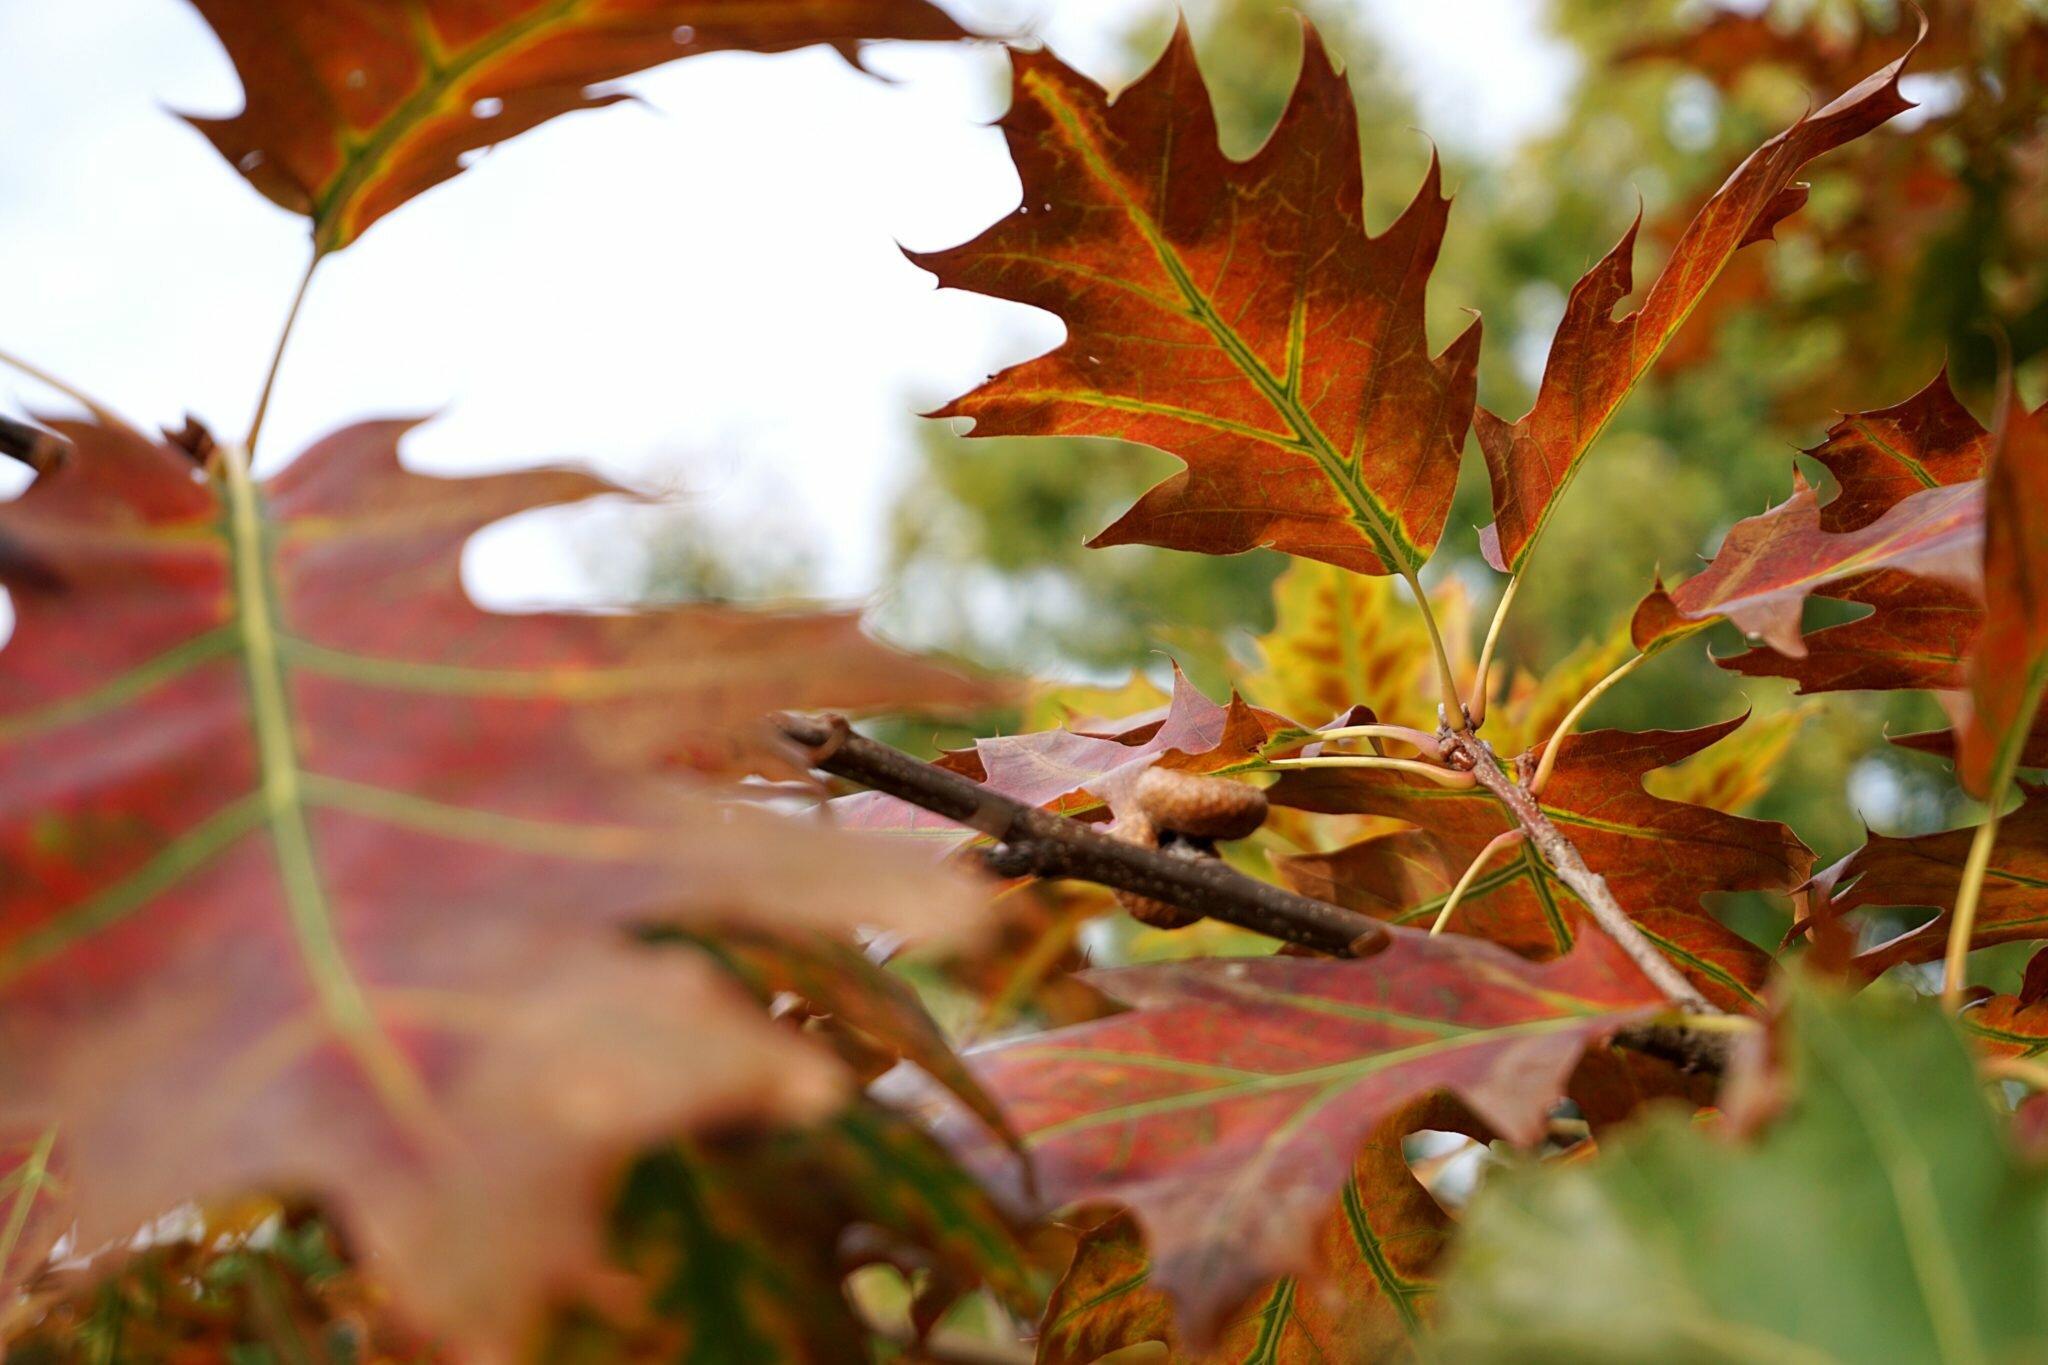 zdjęcie liści jesień stresujący dzień oczyszczenie głowy